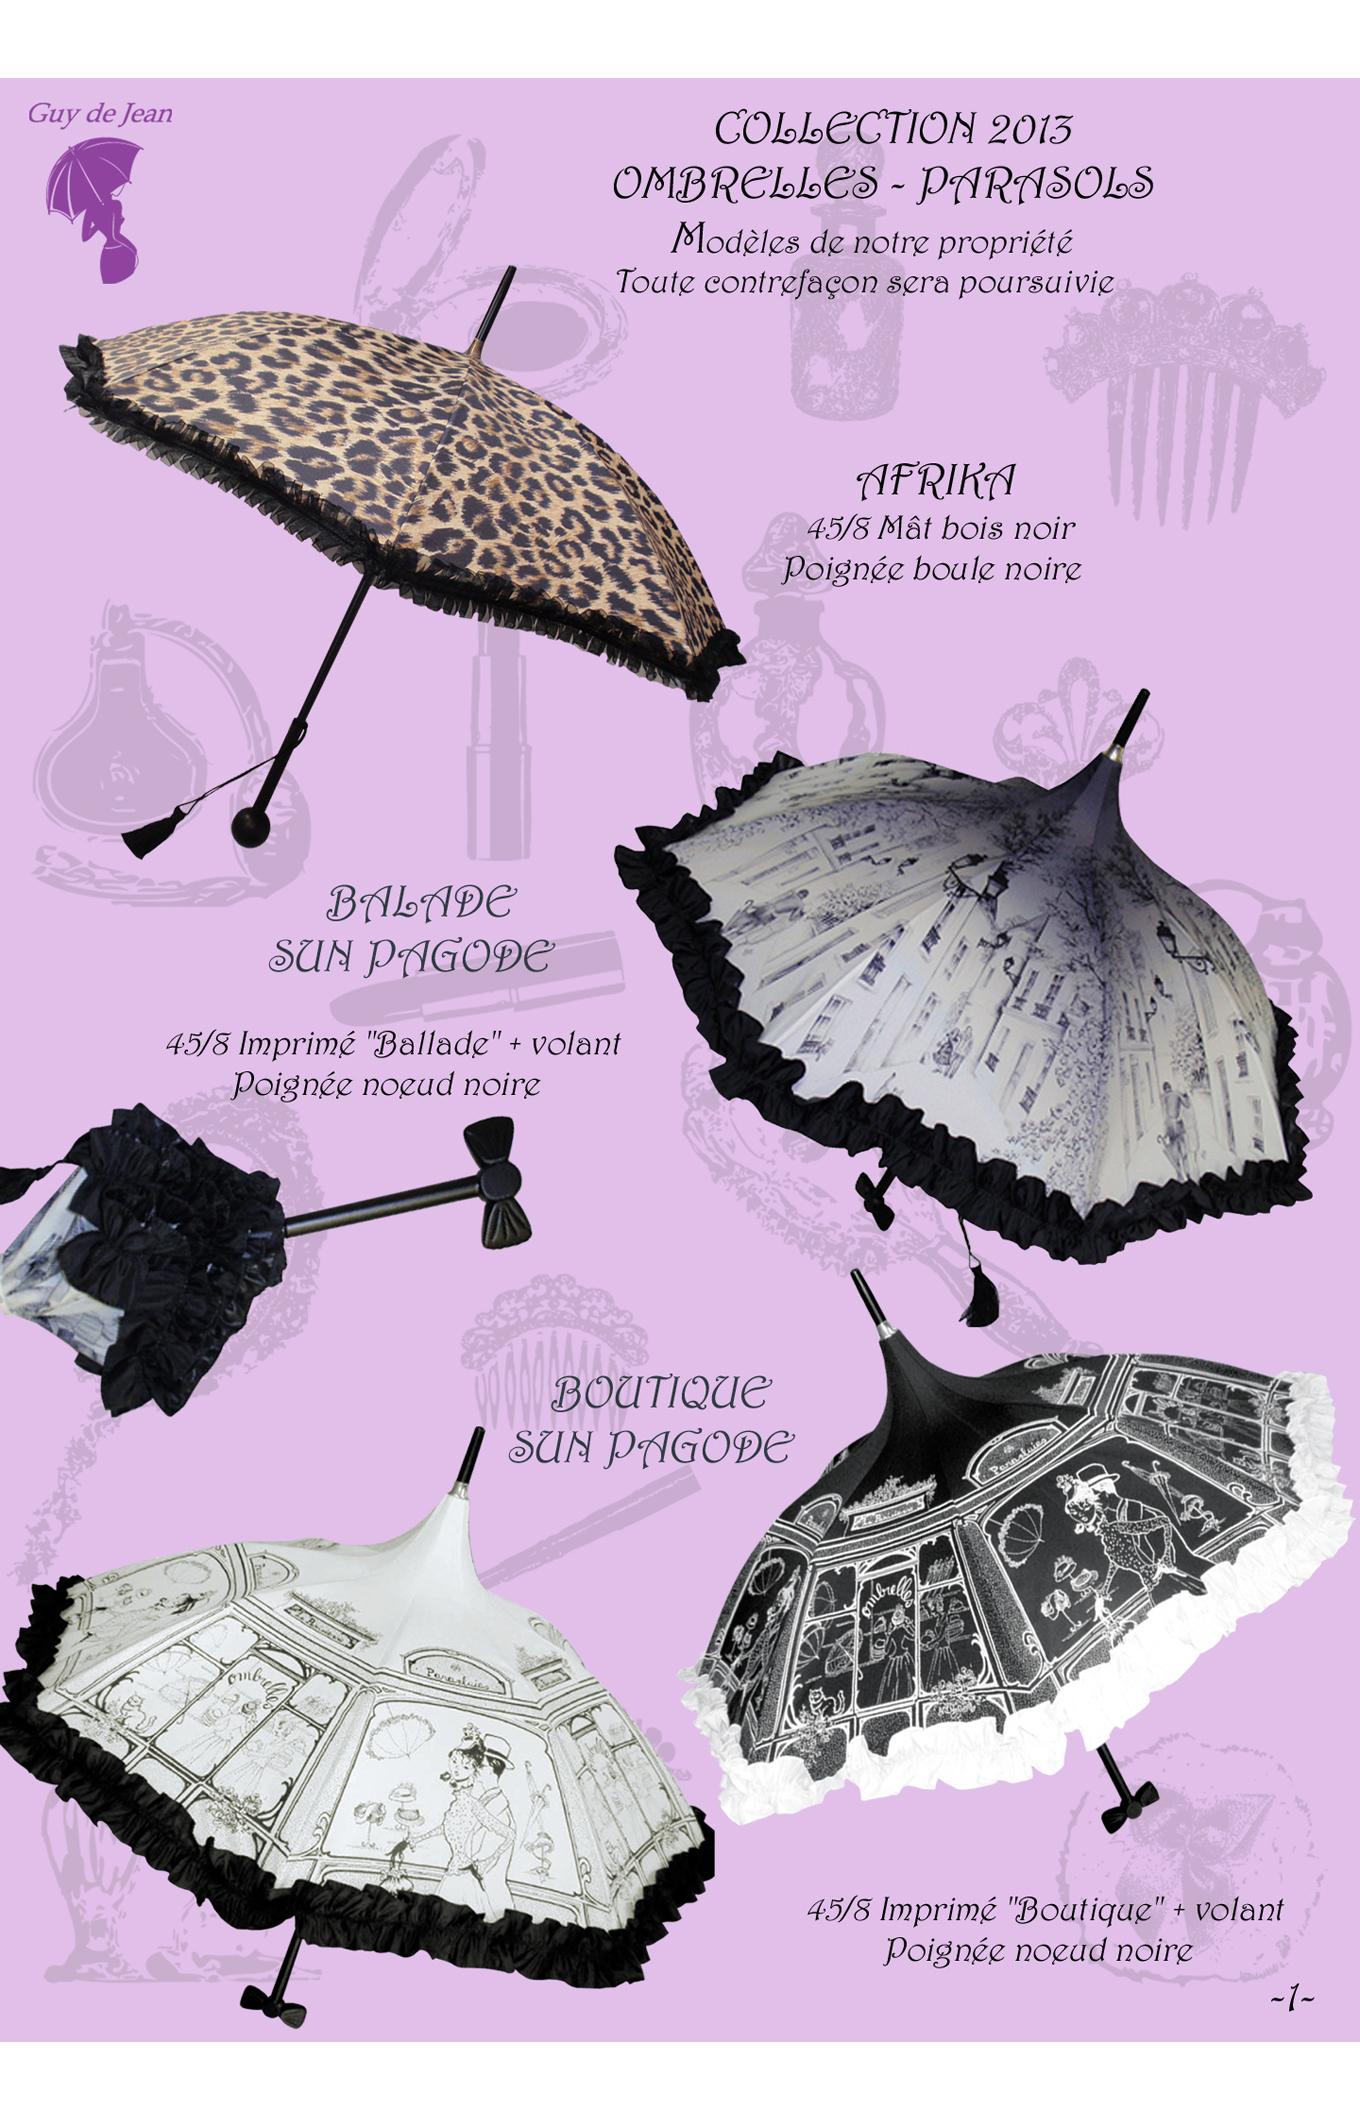 Guy de Jean <br>Umbrella 07